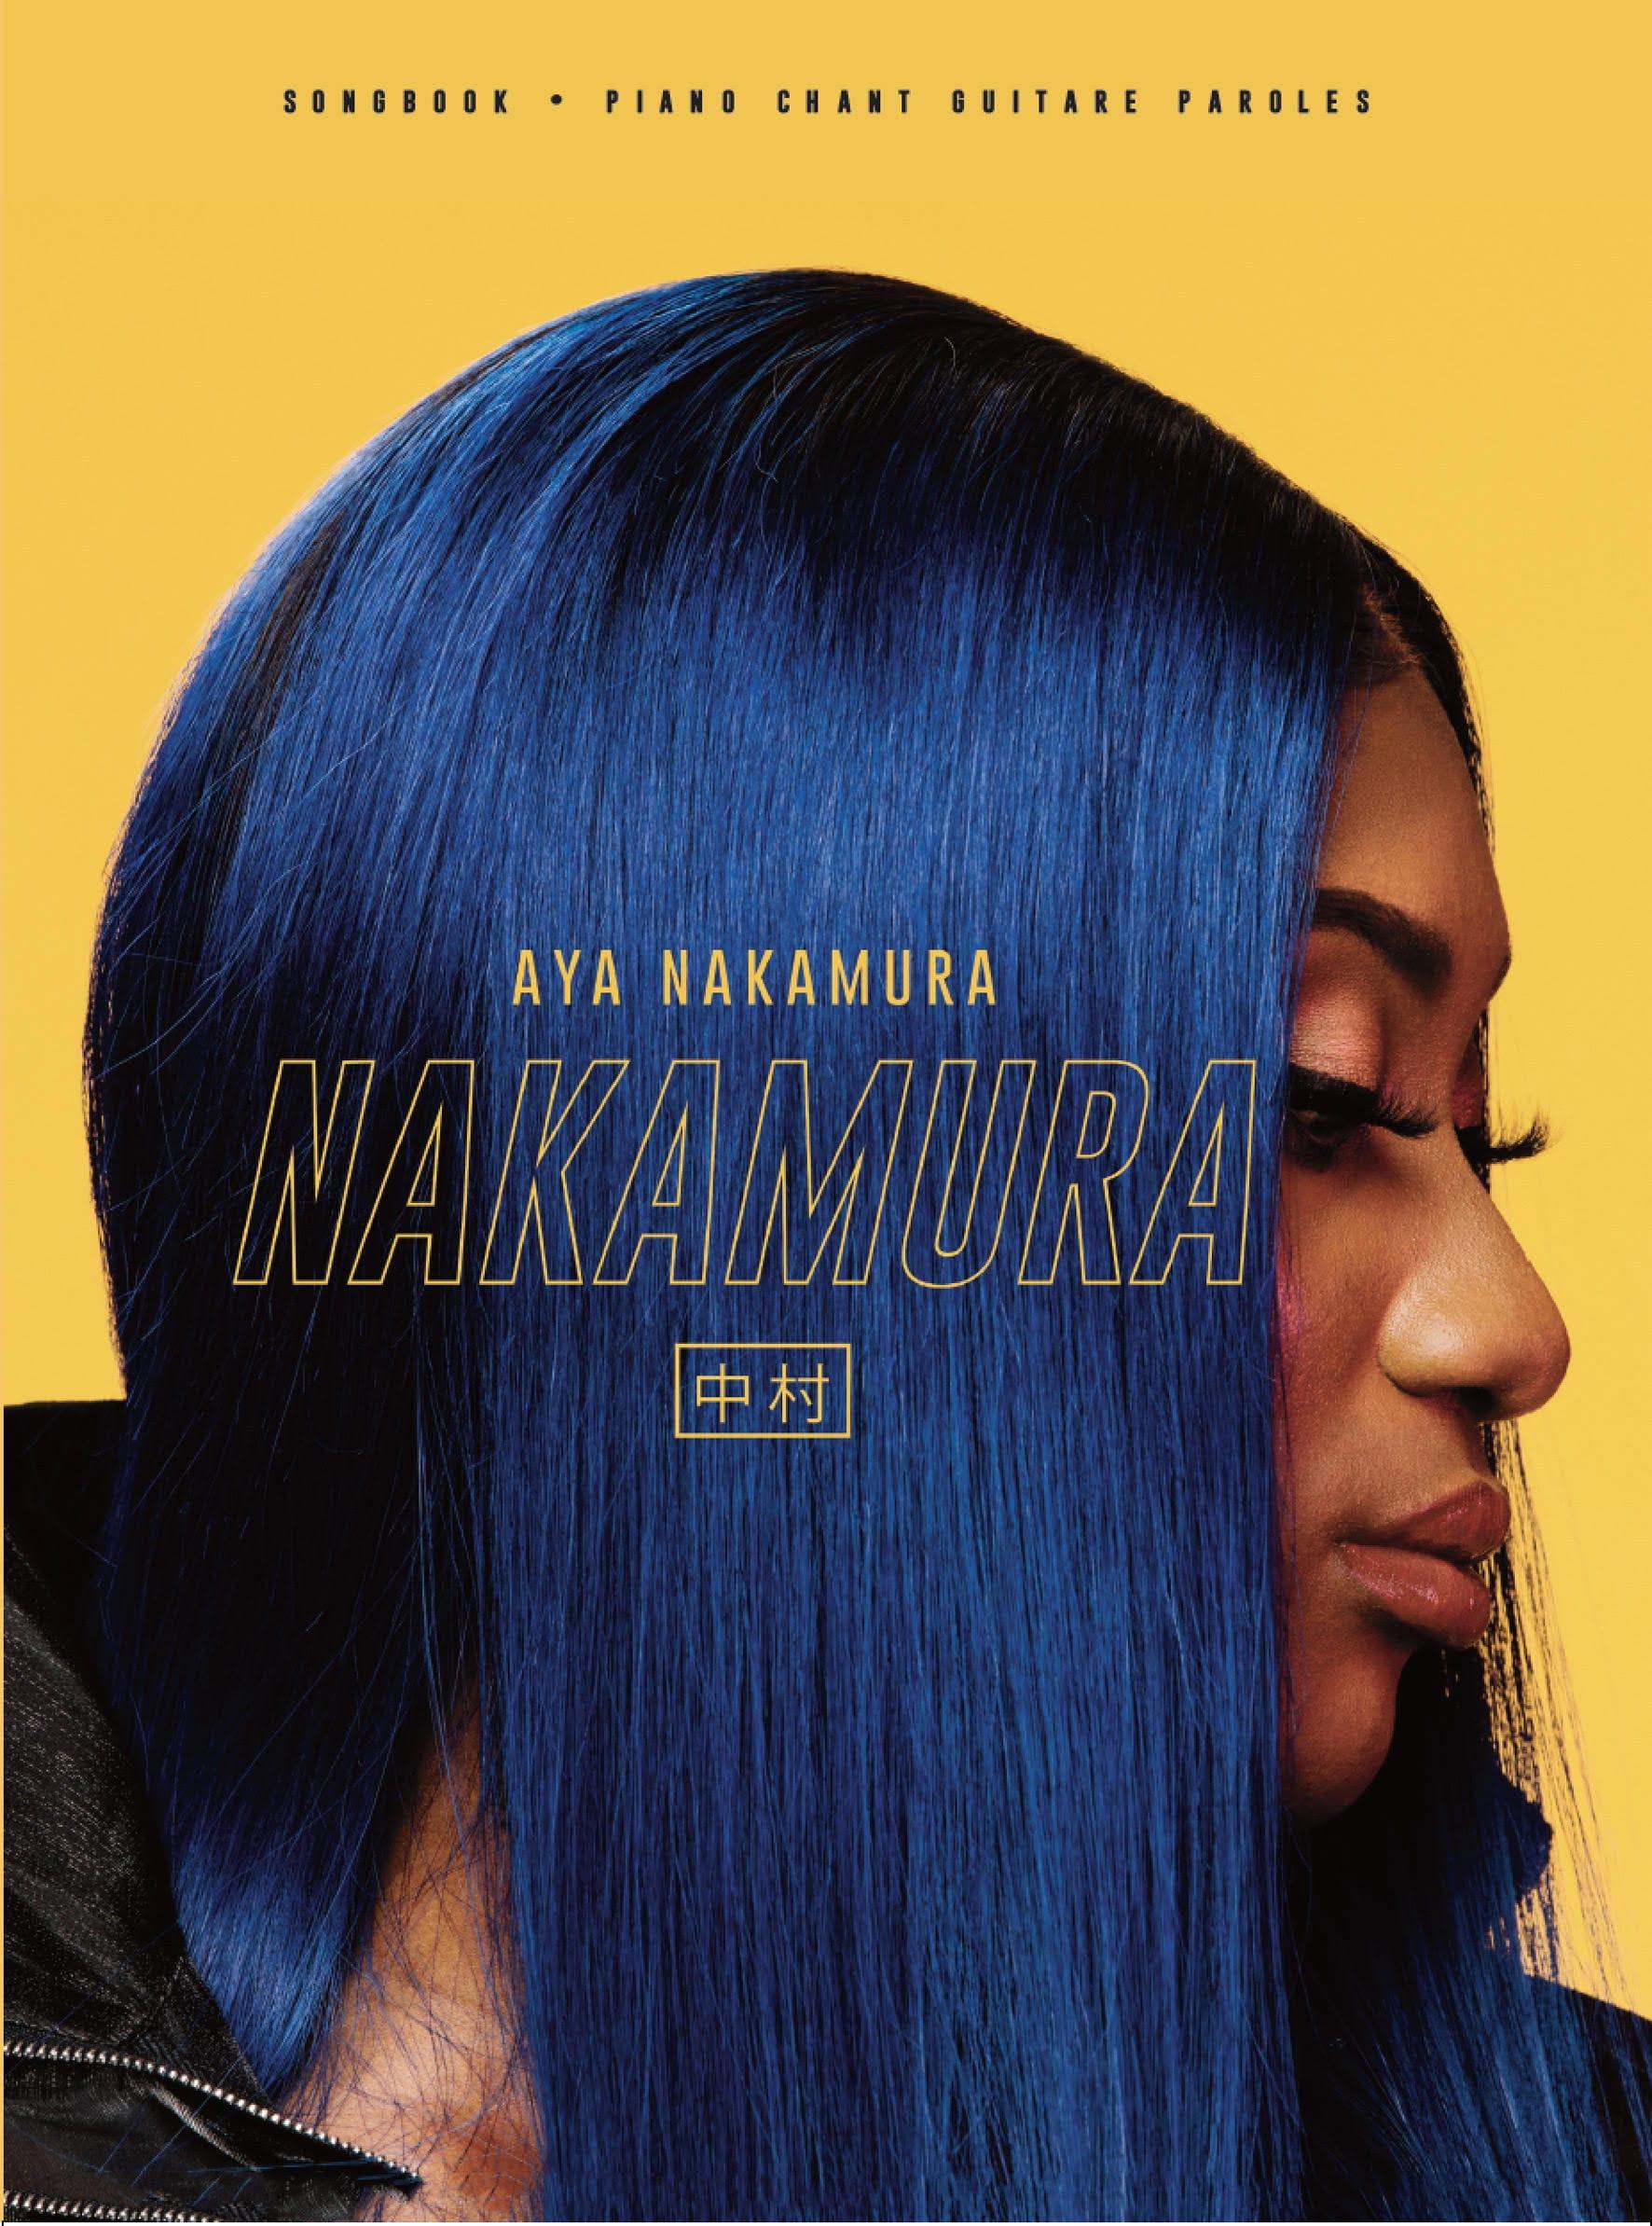 NAKAMURA - Aya Nakamura - Partition - laflutedepan.com